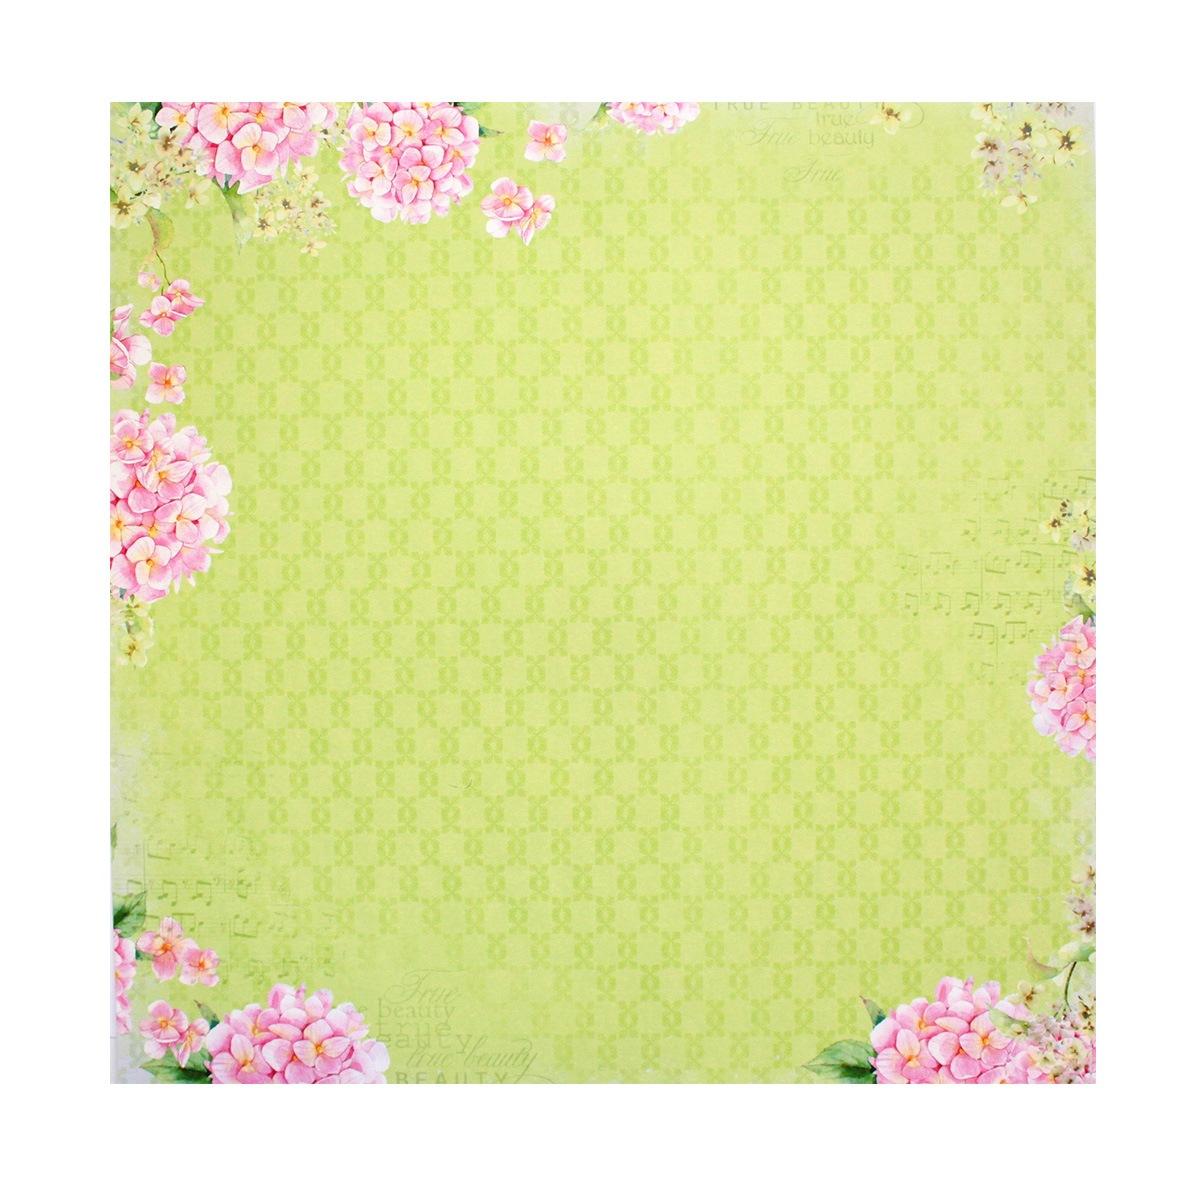 Бумага для скрапбукинга ScrapBerrys Цветущий сад. Мелодия весны, 30,5 х 30,5 см, 10 шт497512Бумага для скрапбукинга ScrapBerrys позволит создать красивый альбом, фоторамку или открытку ручной работы, оформить подарок или аппликацию. Набор включает в себя 10 листов из плотной бумаги.Скрапбукинг - это хобби, которое способно приносить массу приятных эмоций не только человеку, который этим занимается, но и его близким, друзьям, родным. Это невероятно увлекательное занятие, которое поможет вам сохранить наиболее памятные и яркие моменты вашей жизни, а также интересно оформить интерьер дома.Размер листа: 30,5 х 30,5 см.